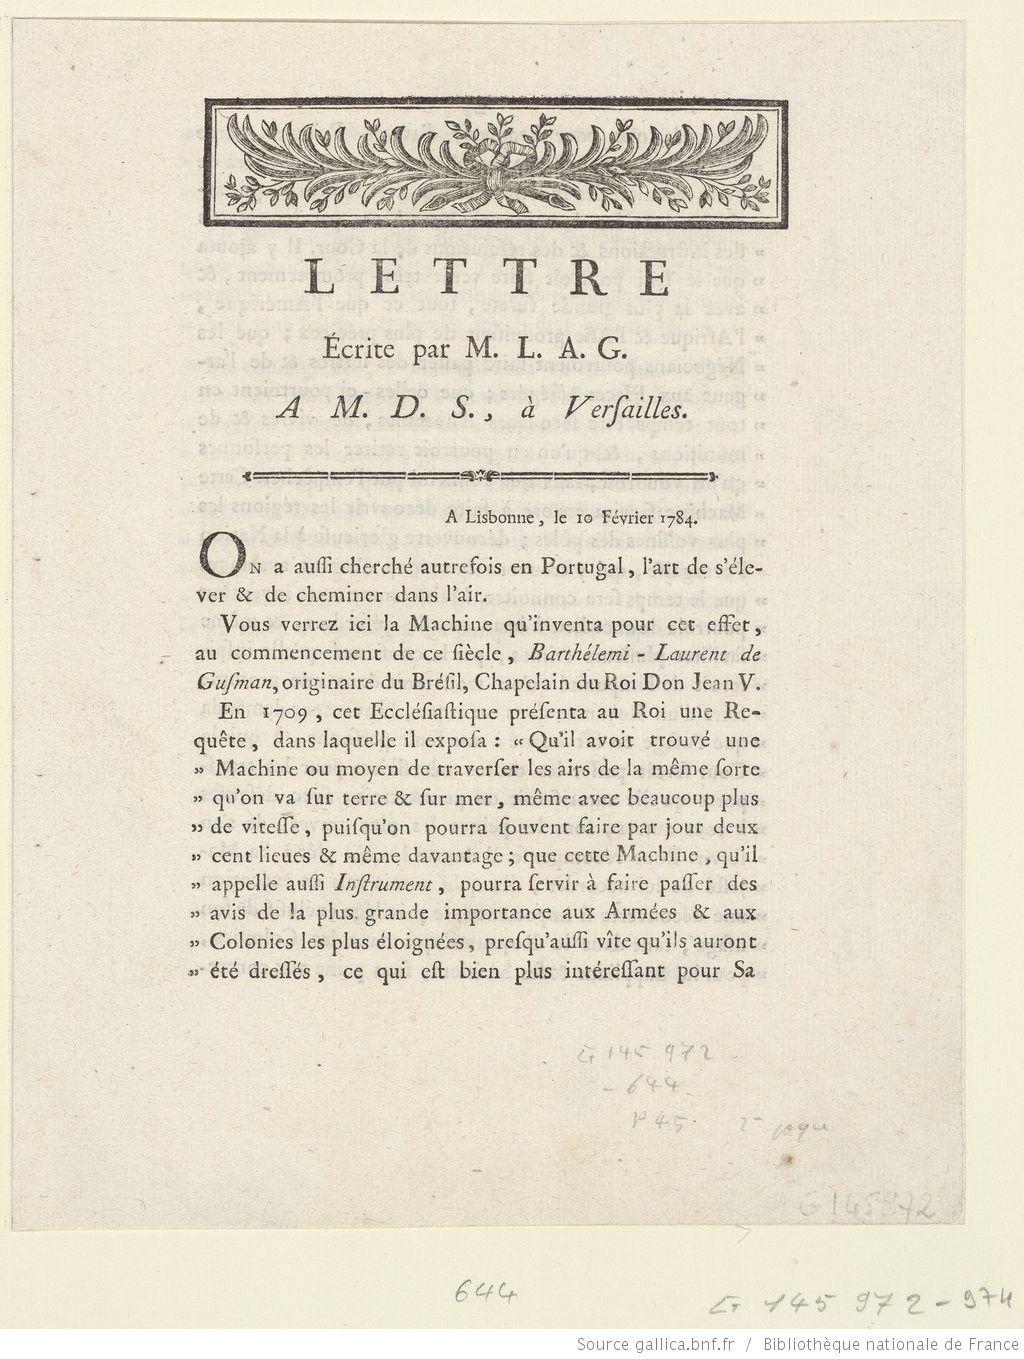 lettre da Lettre écrite par M. L. A. G., A M. D. S. à Versailles : A  lettre da